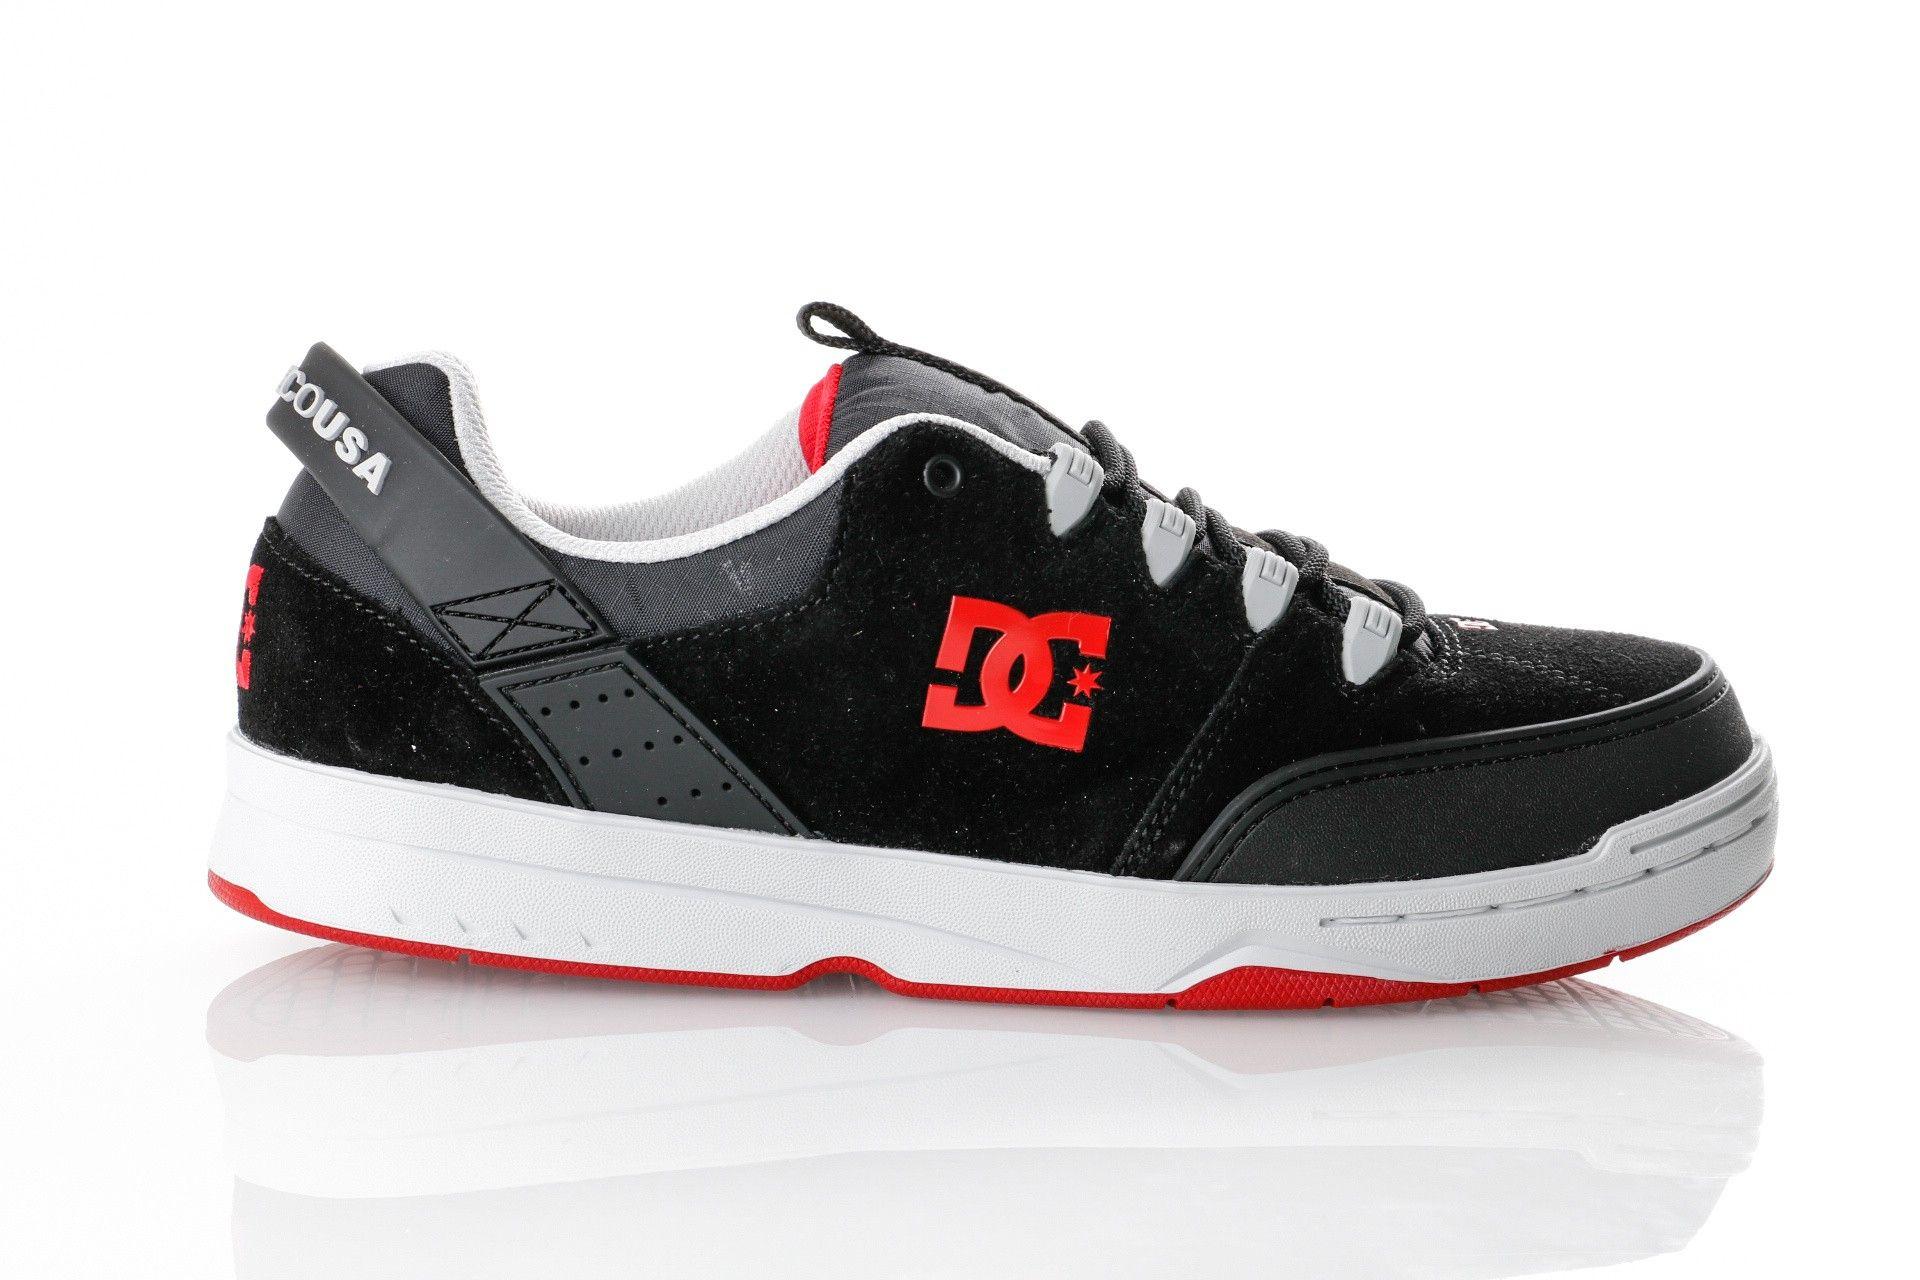 Afbeelding van Dc Syntax M Shoe Xksr Adys300290-Xksr Sneakers Black/Grey/Red